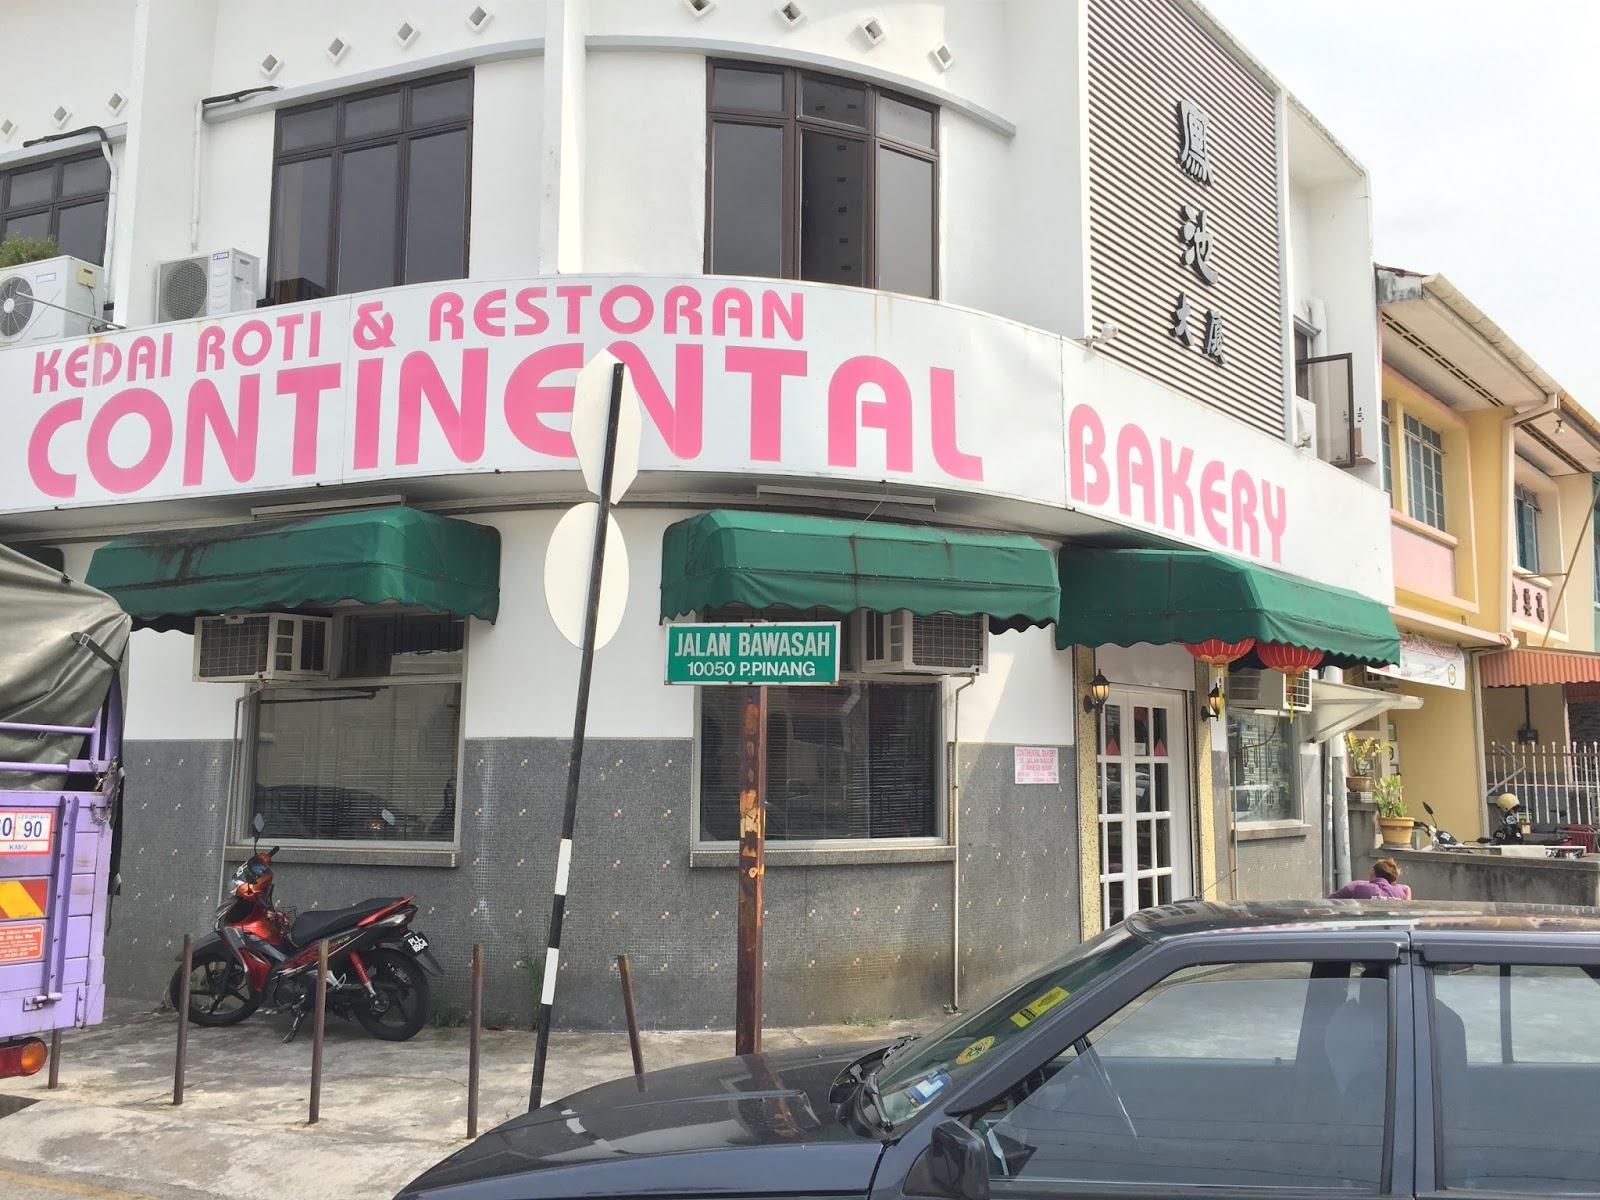 Penang Bakery - Kedai Roti & Restoran Continental Bakery